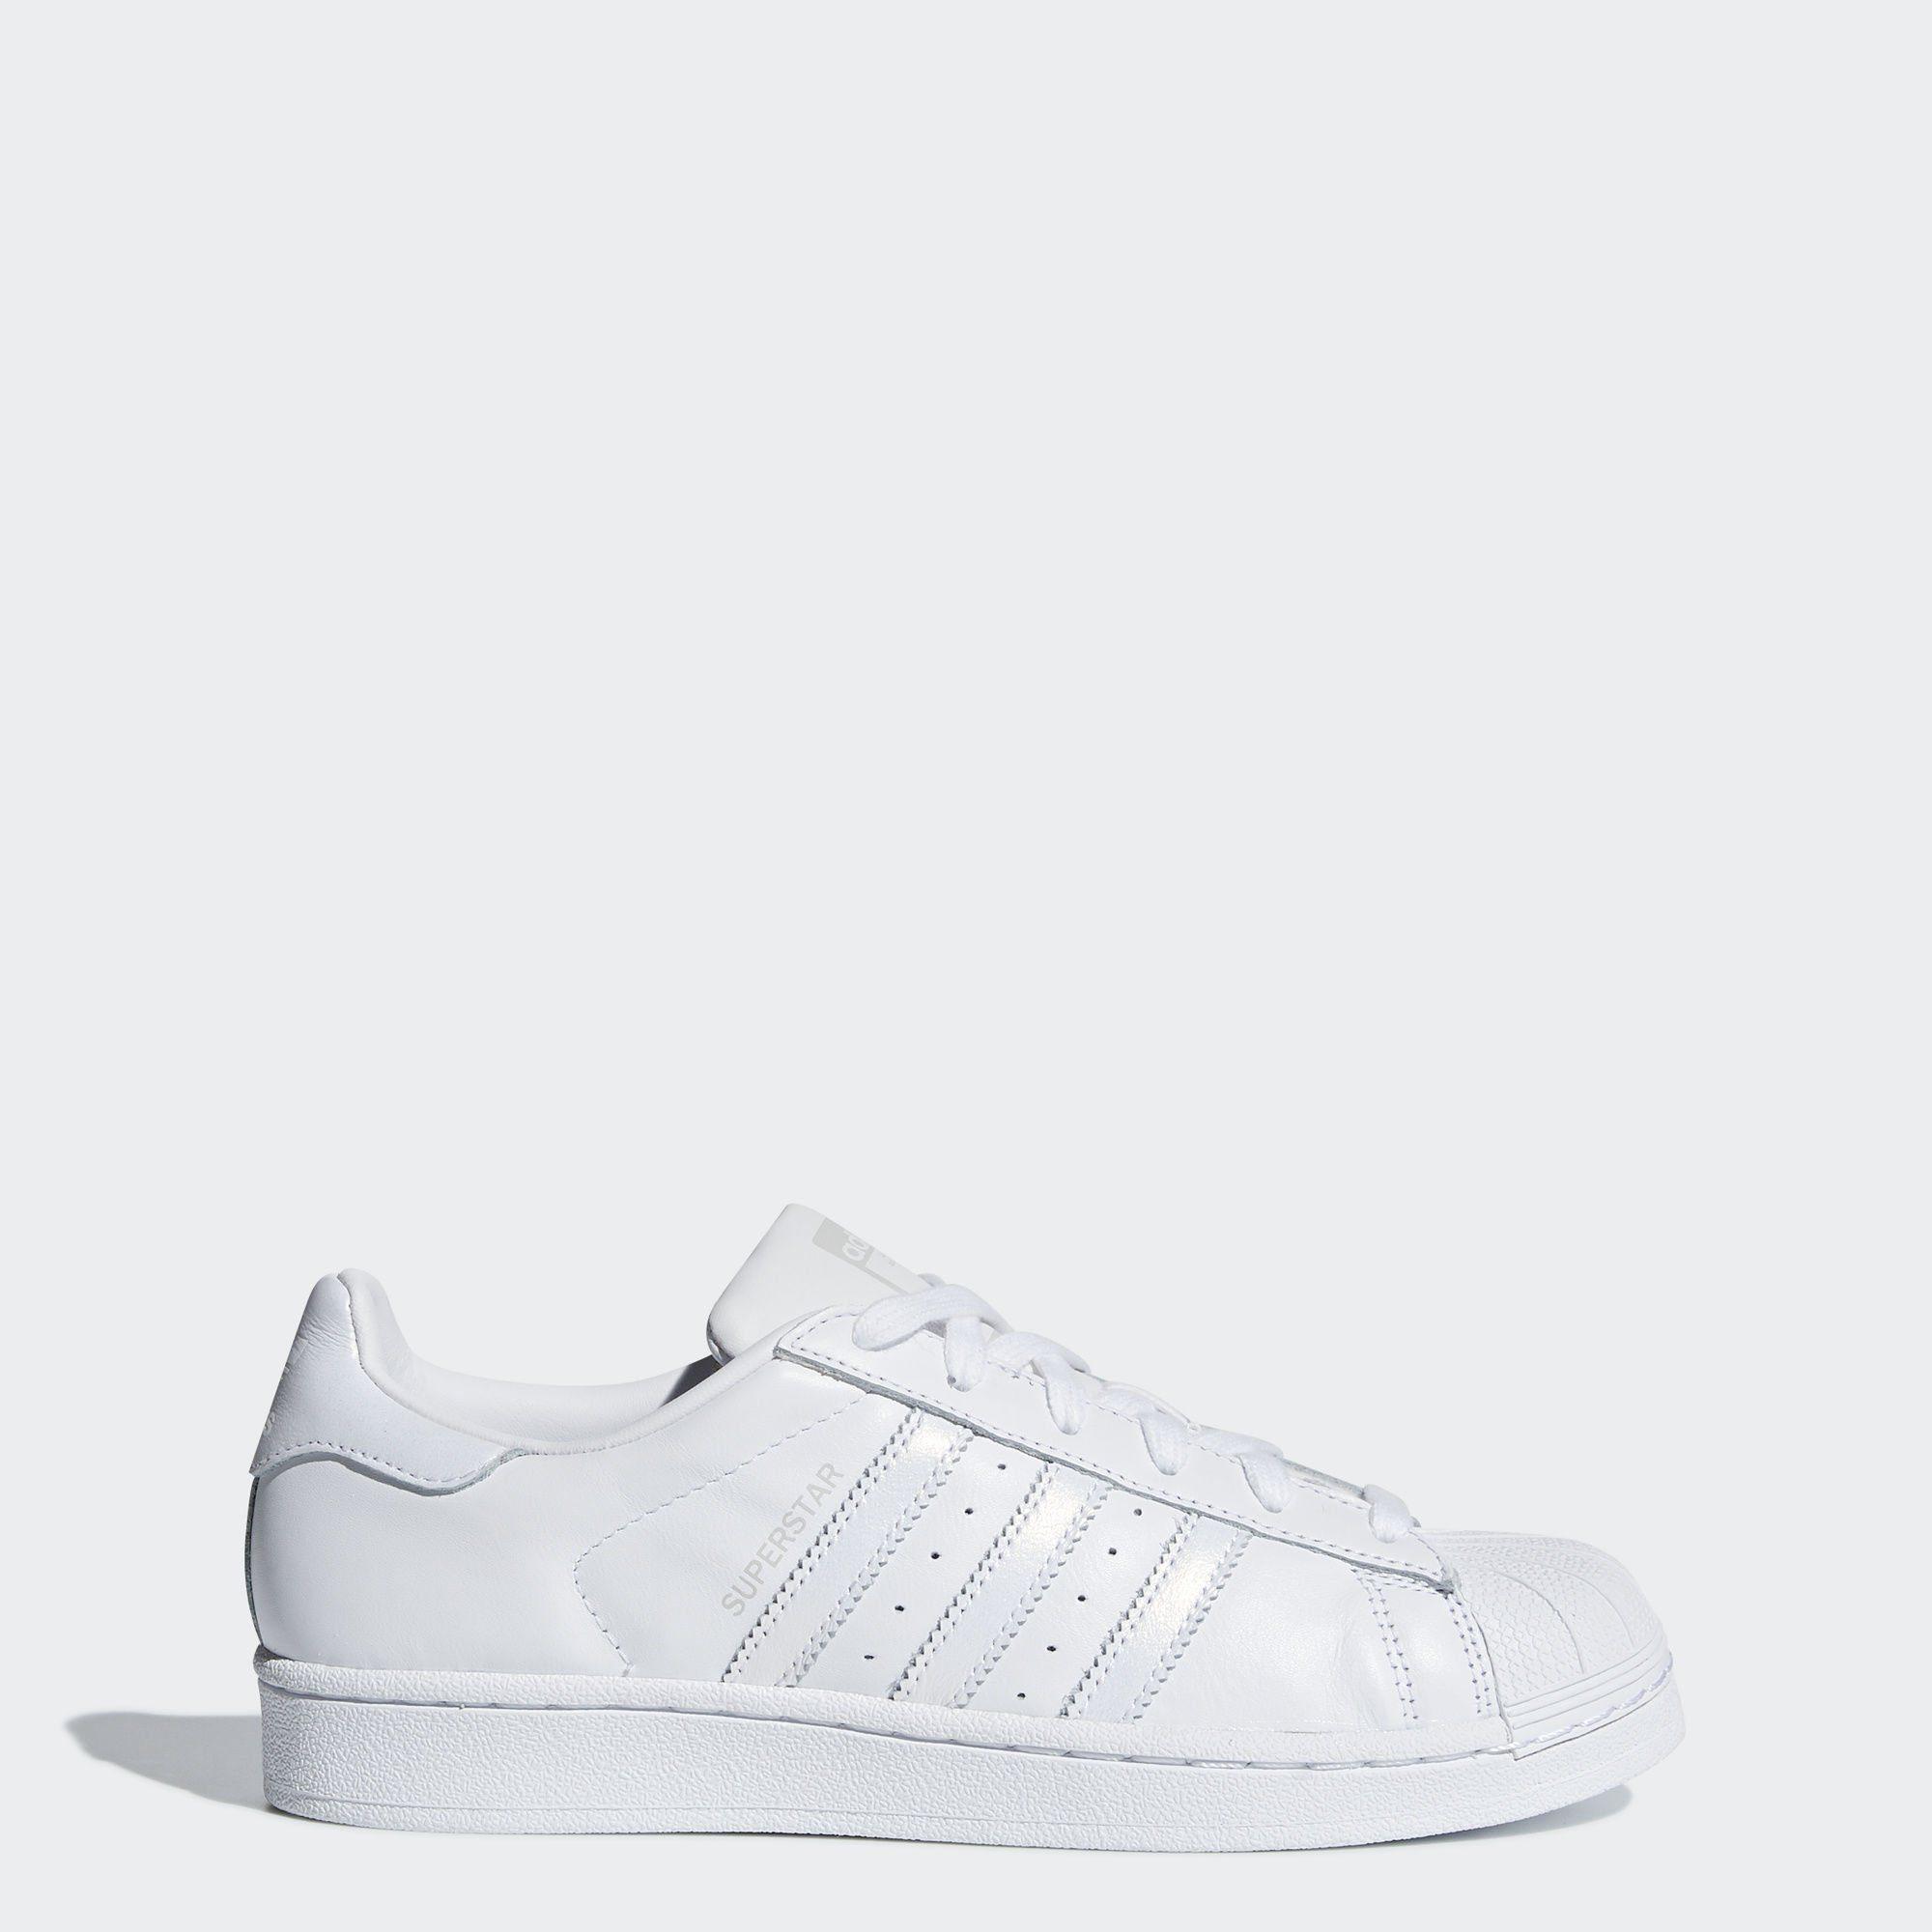 adidas Originals SST Schuh Sneaker online kaufen  white